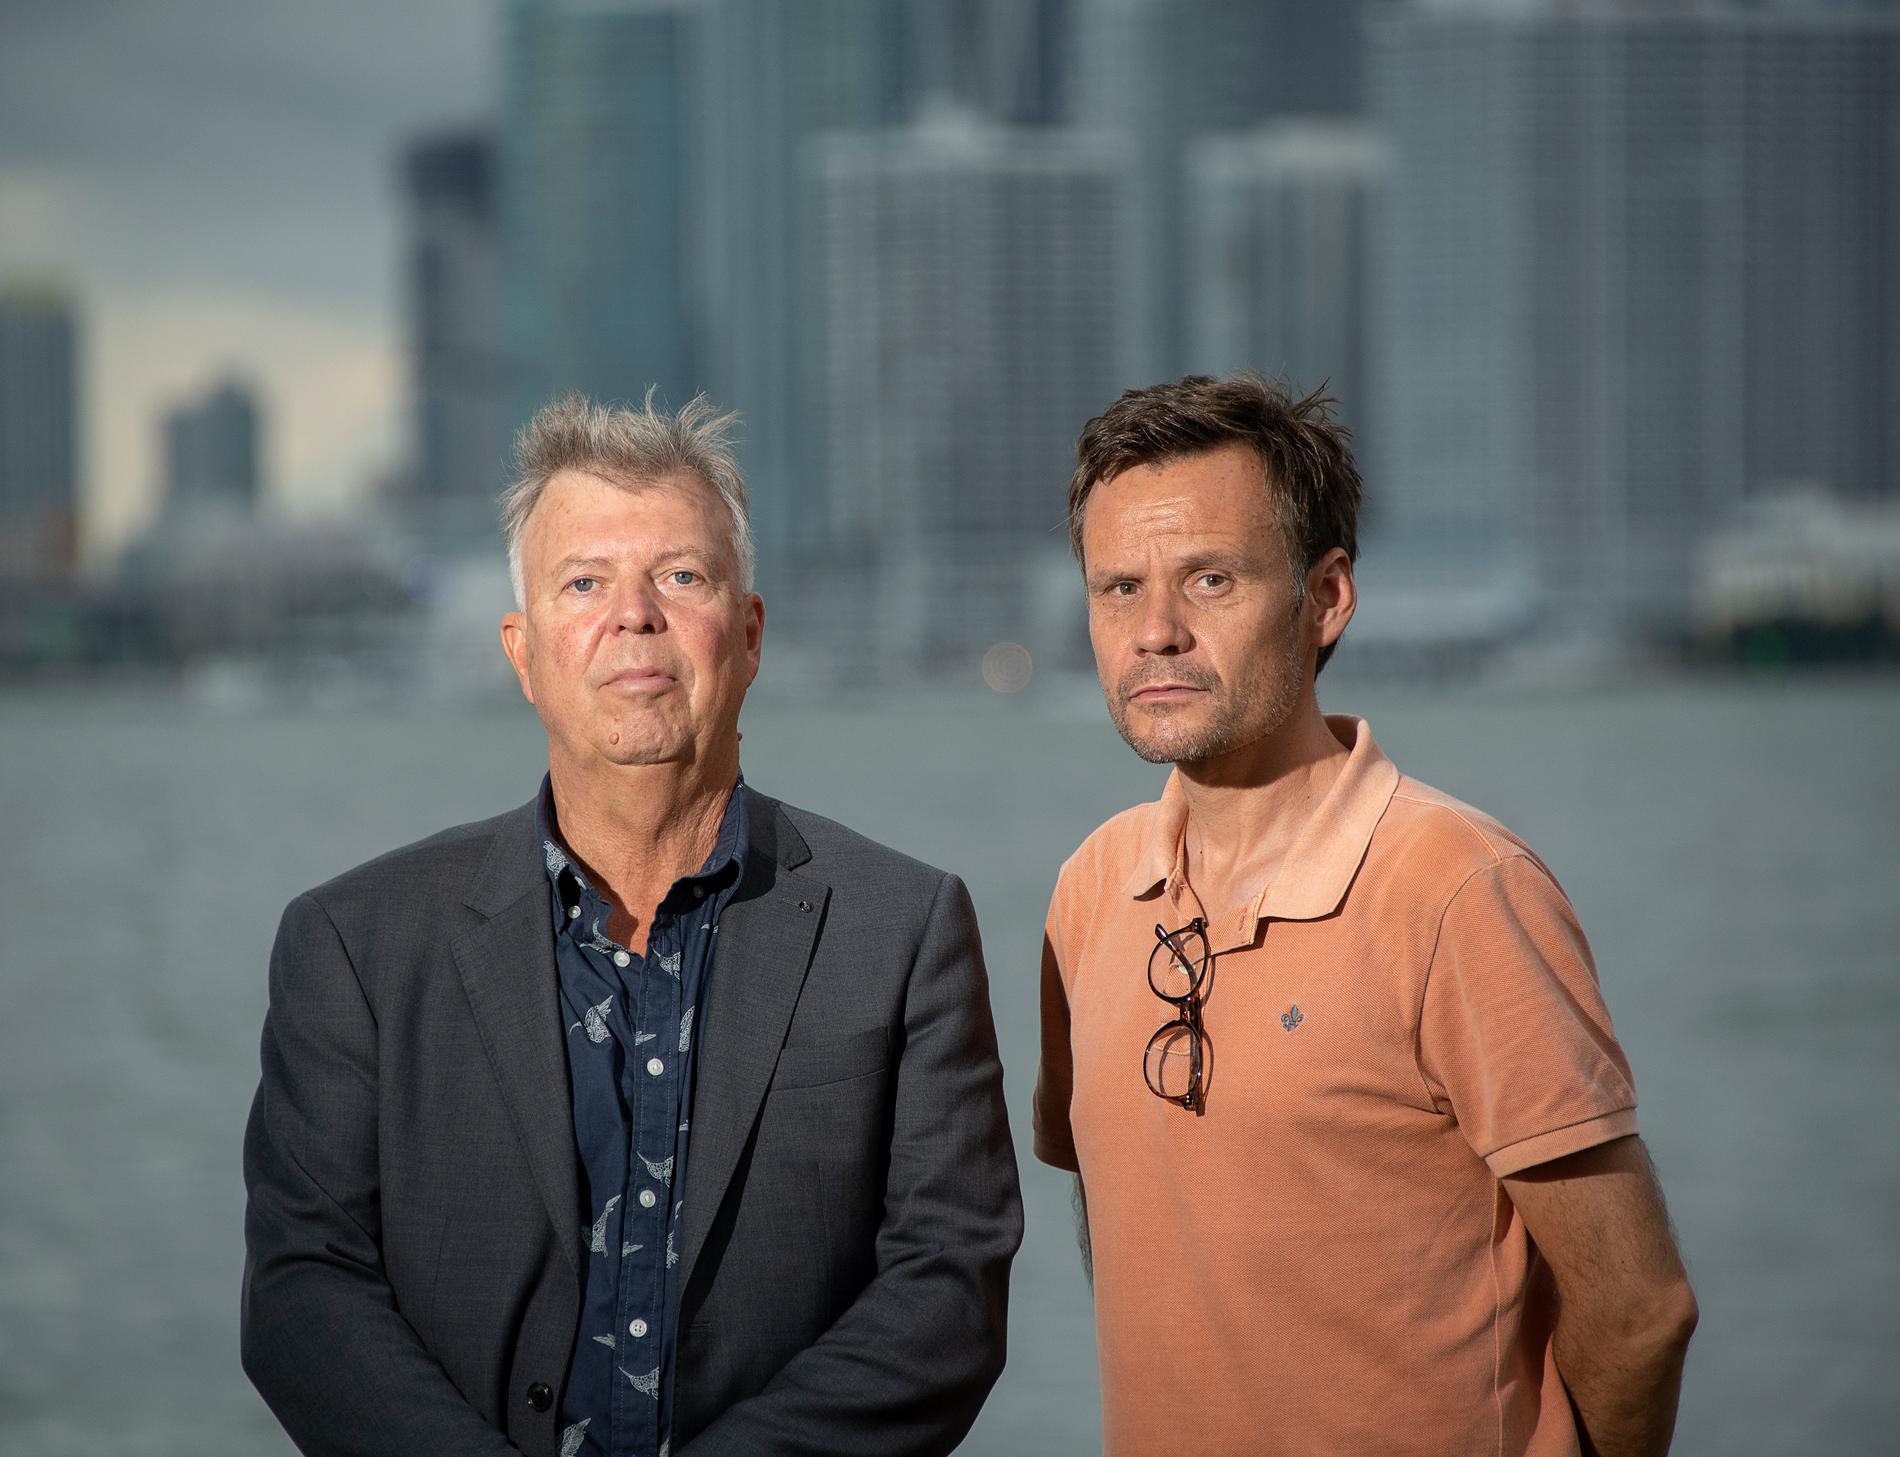 Aftonbladets Wolfgang Hansson och Jerker Ivarsson.